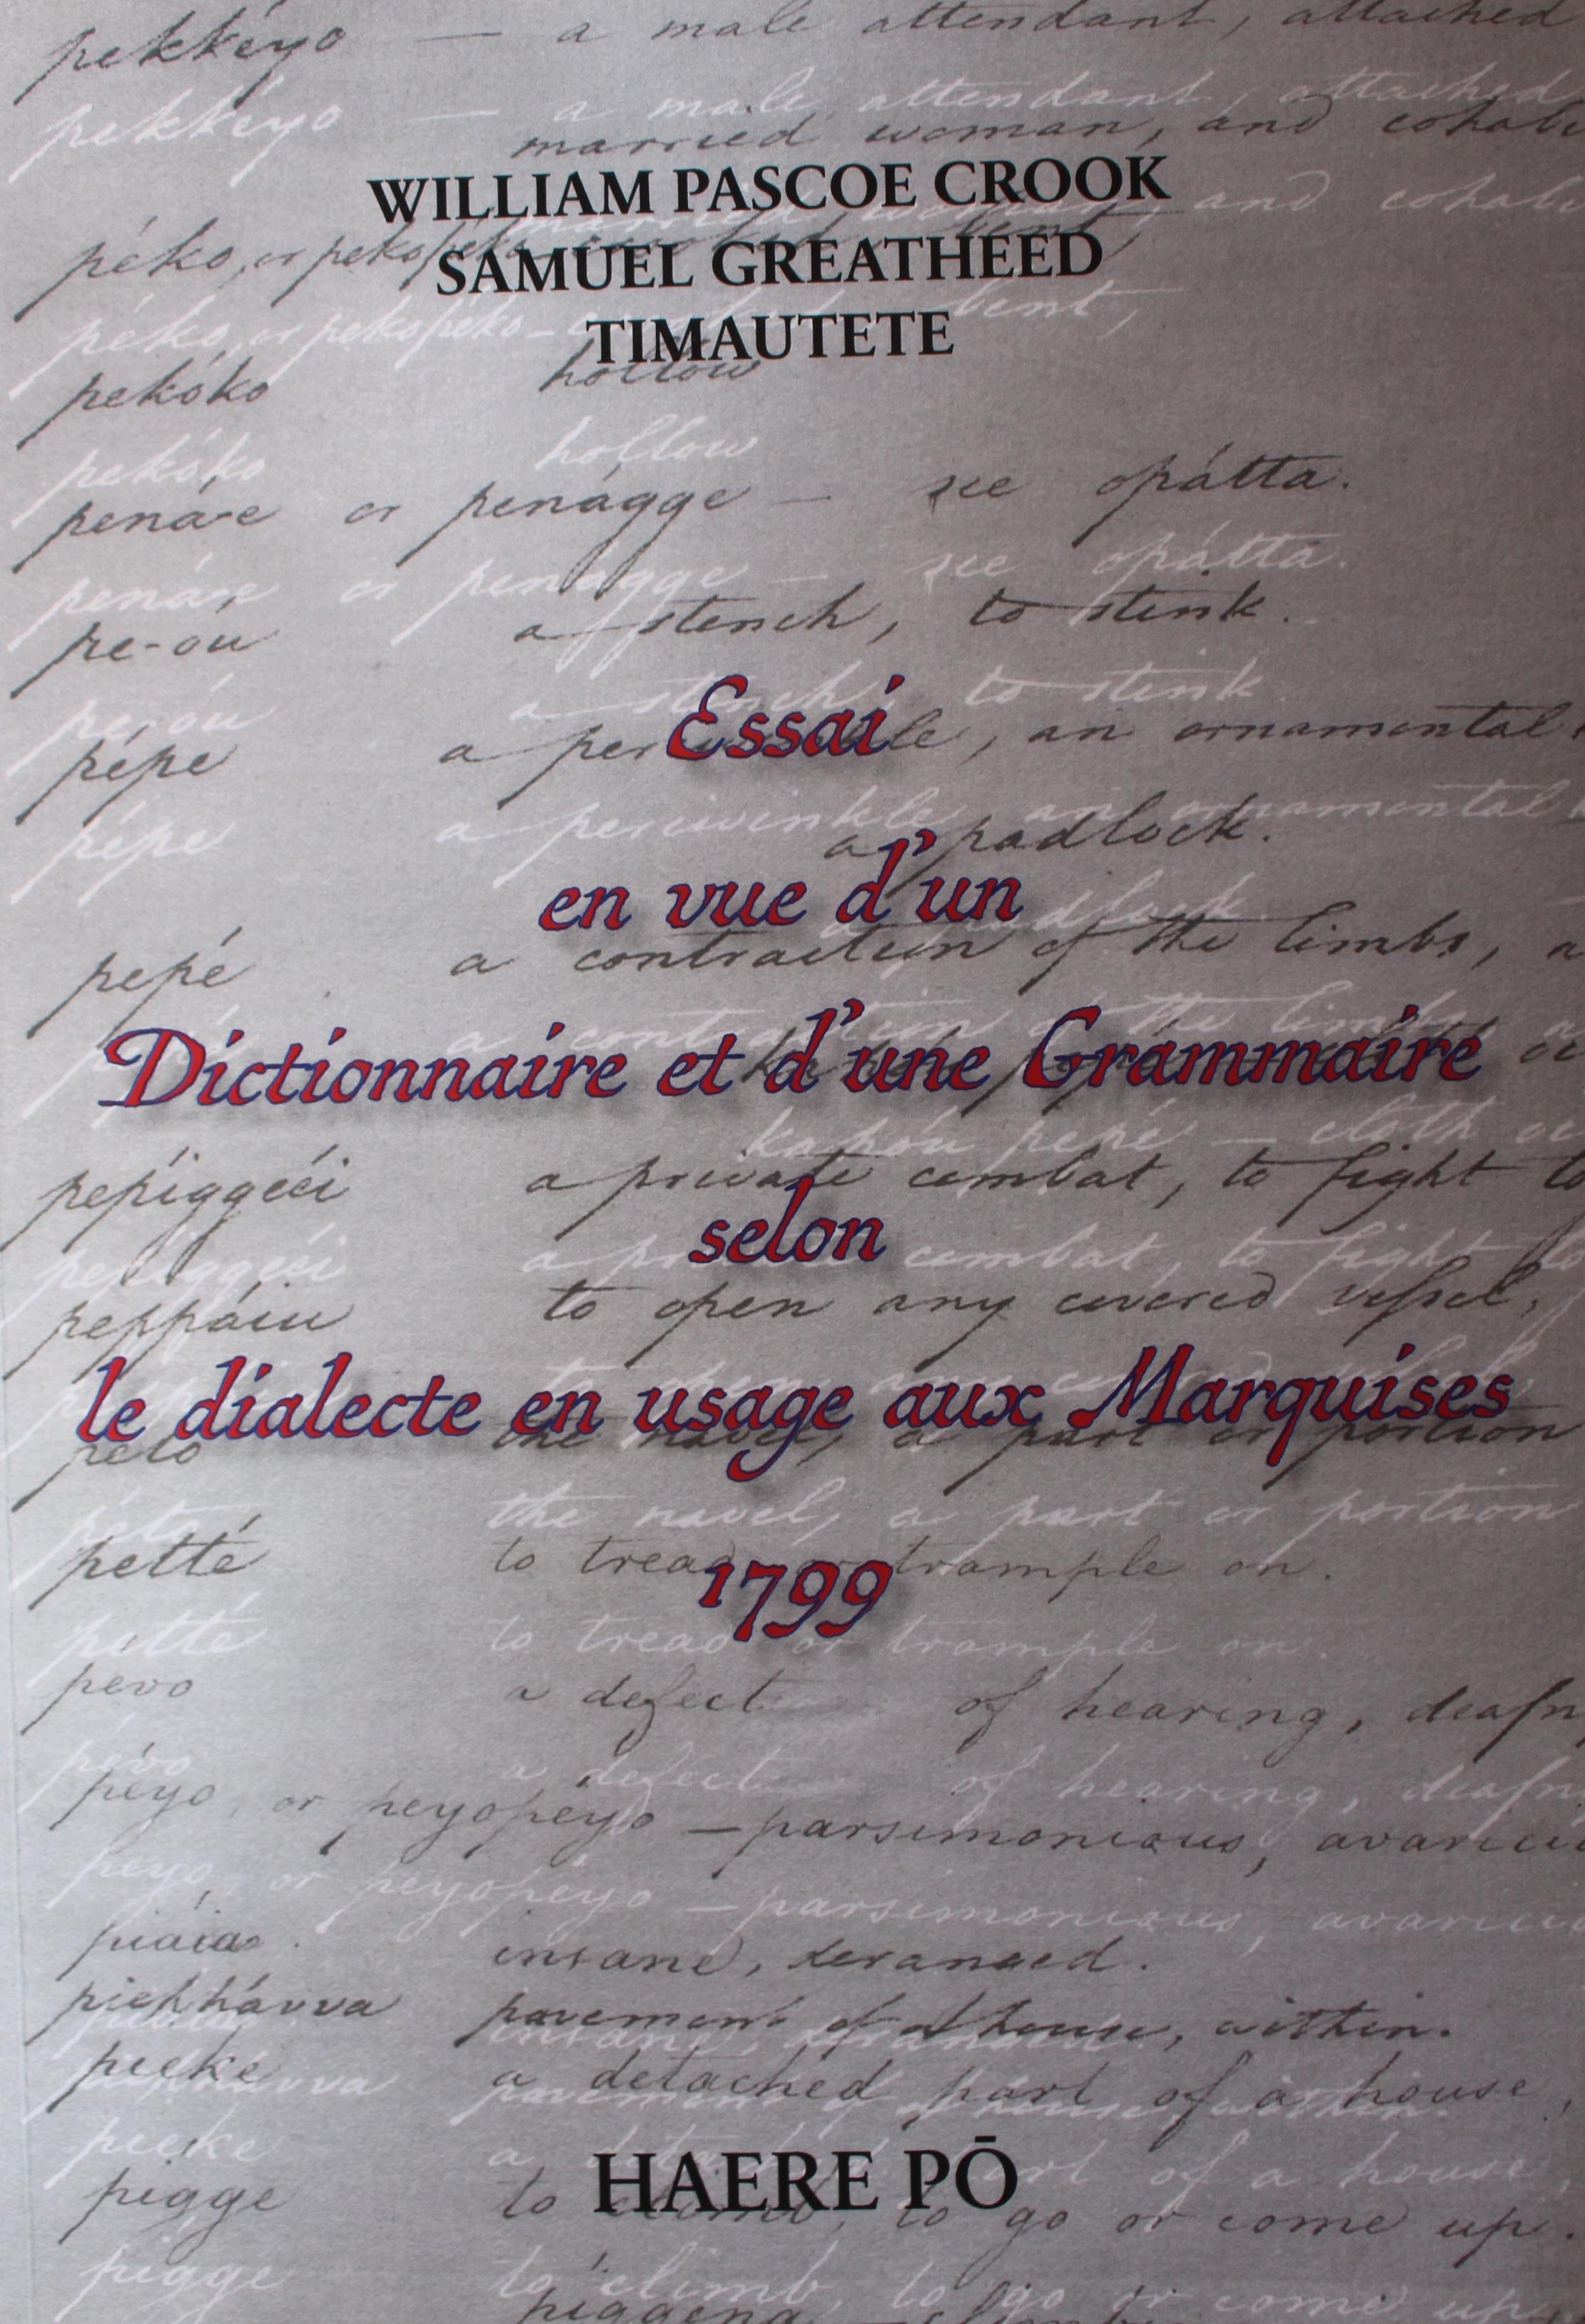 Un dictionnaire marquisien du XVIIIe siècle édité par Haere Pō